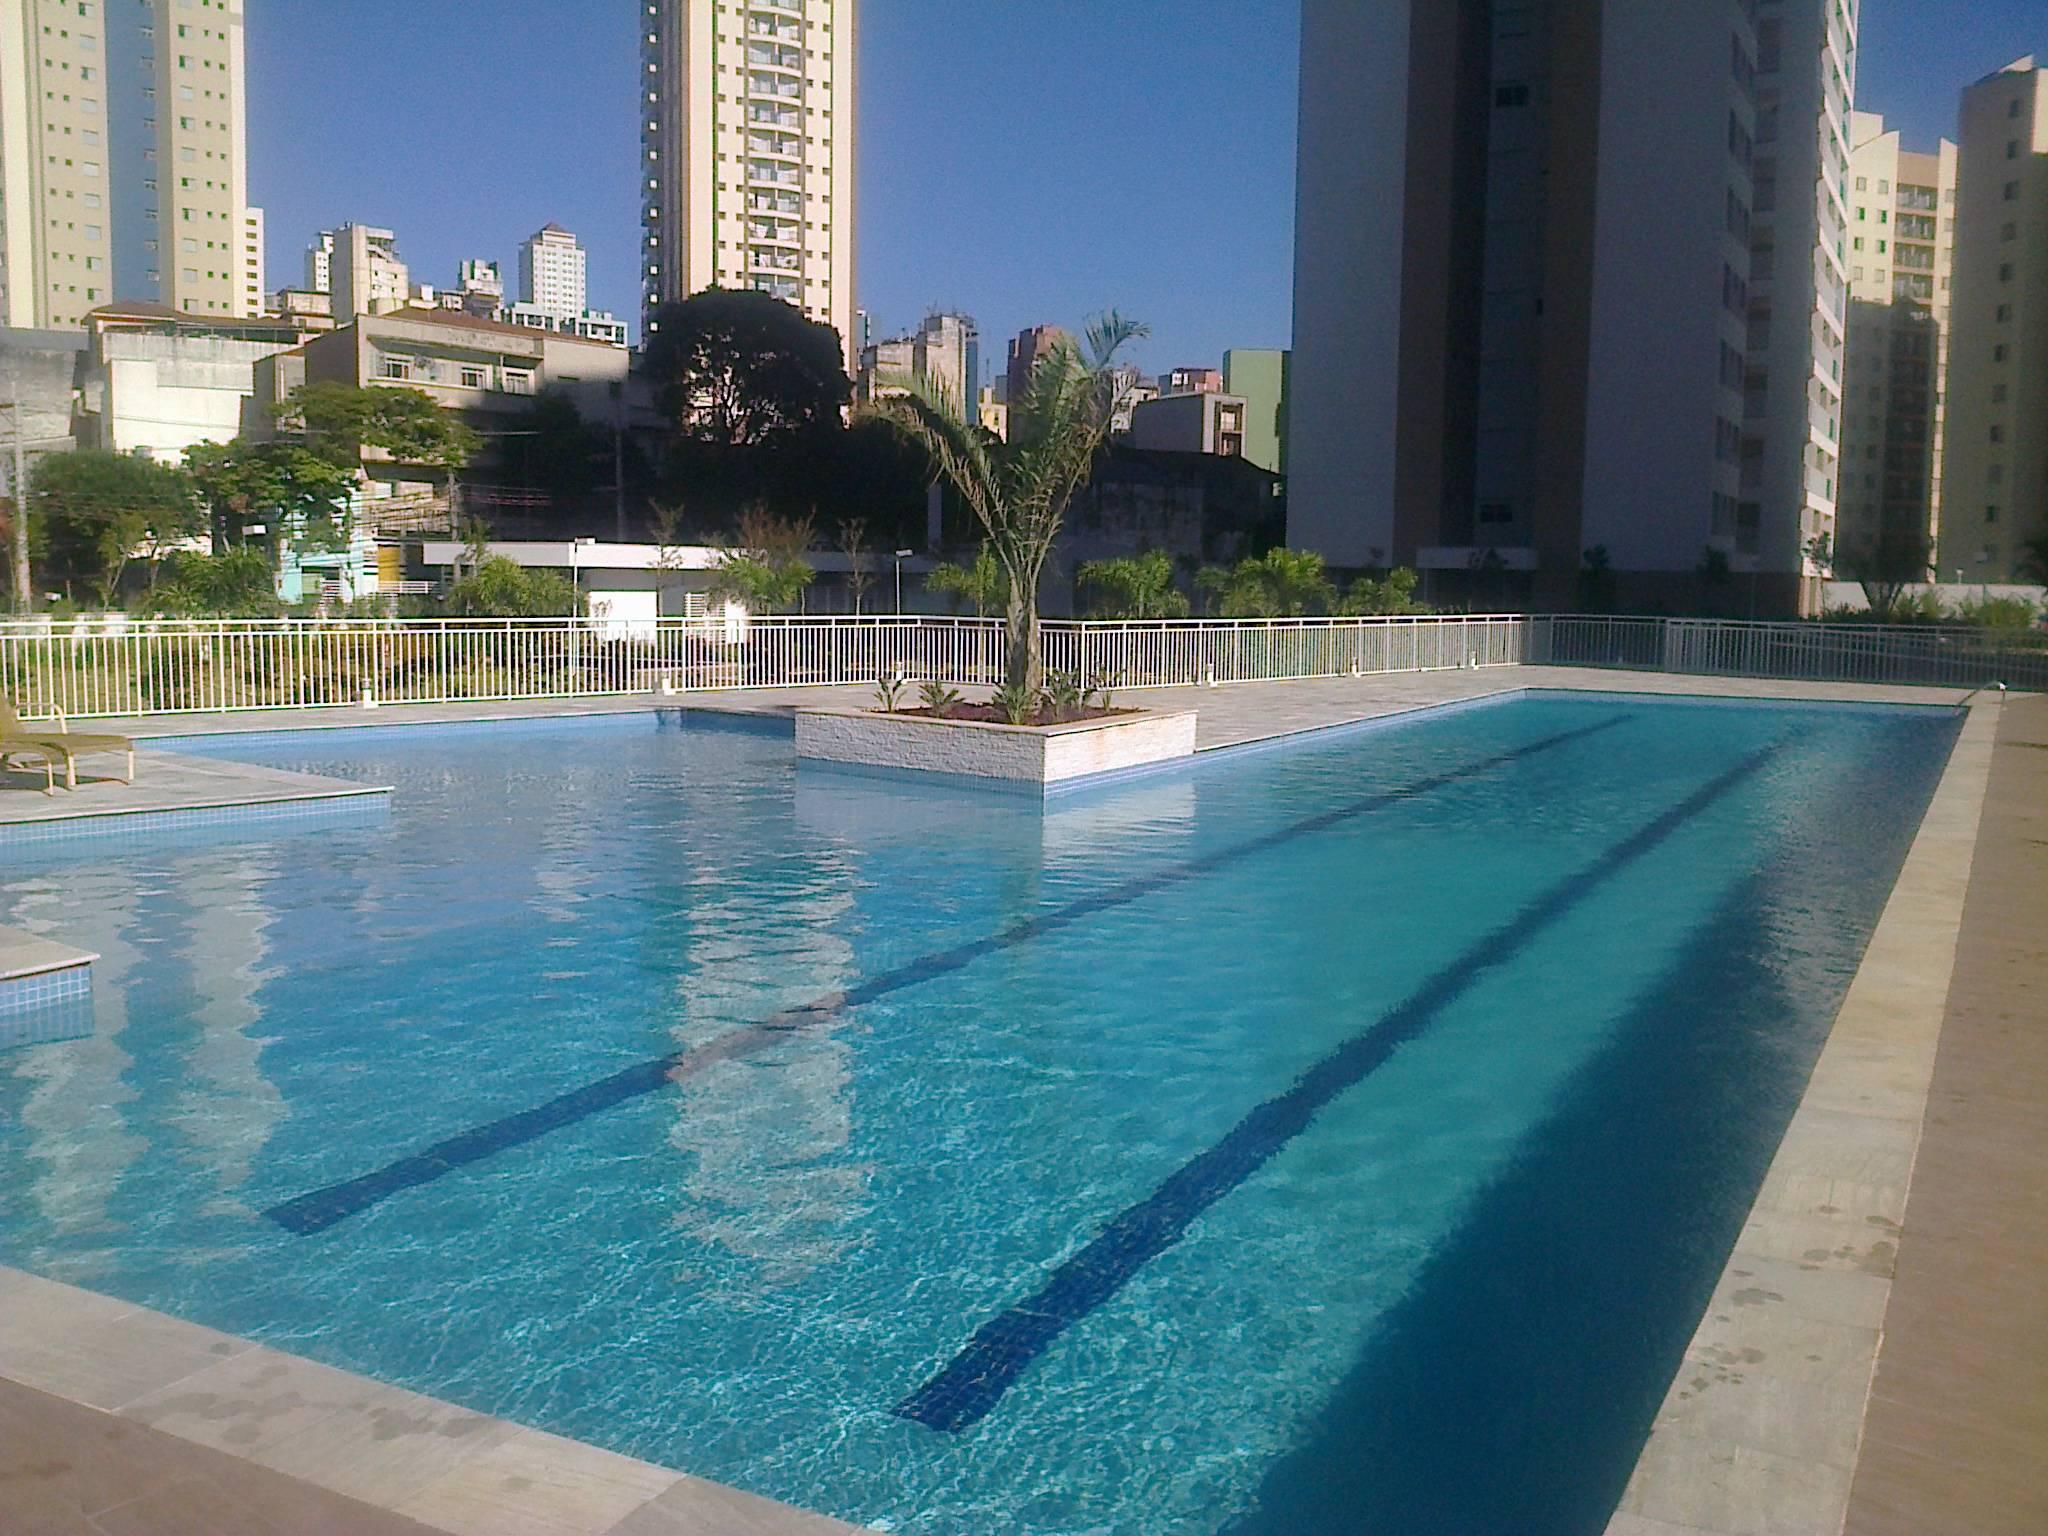 Serviço Limpeza Piscinas na Vila Miranda - Limpeza de Piscina em São Paulo